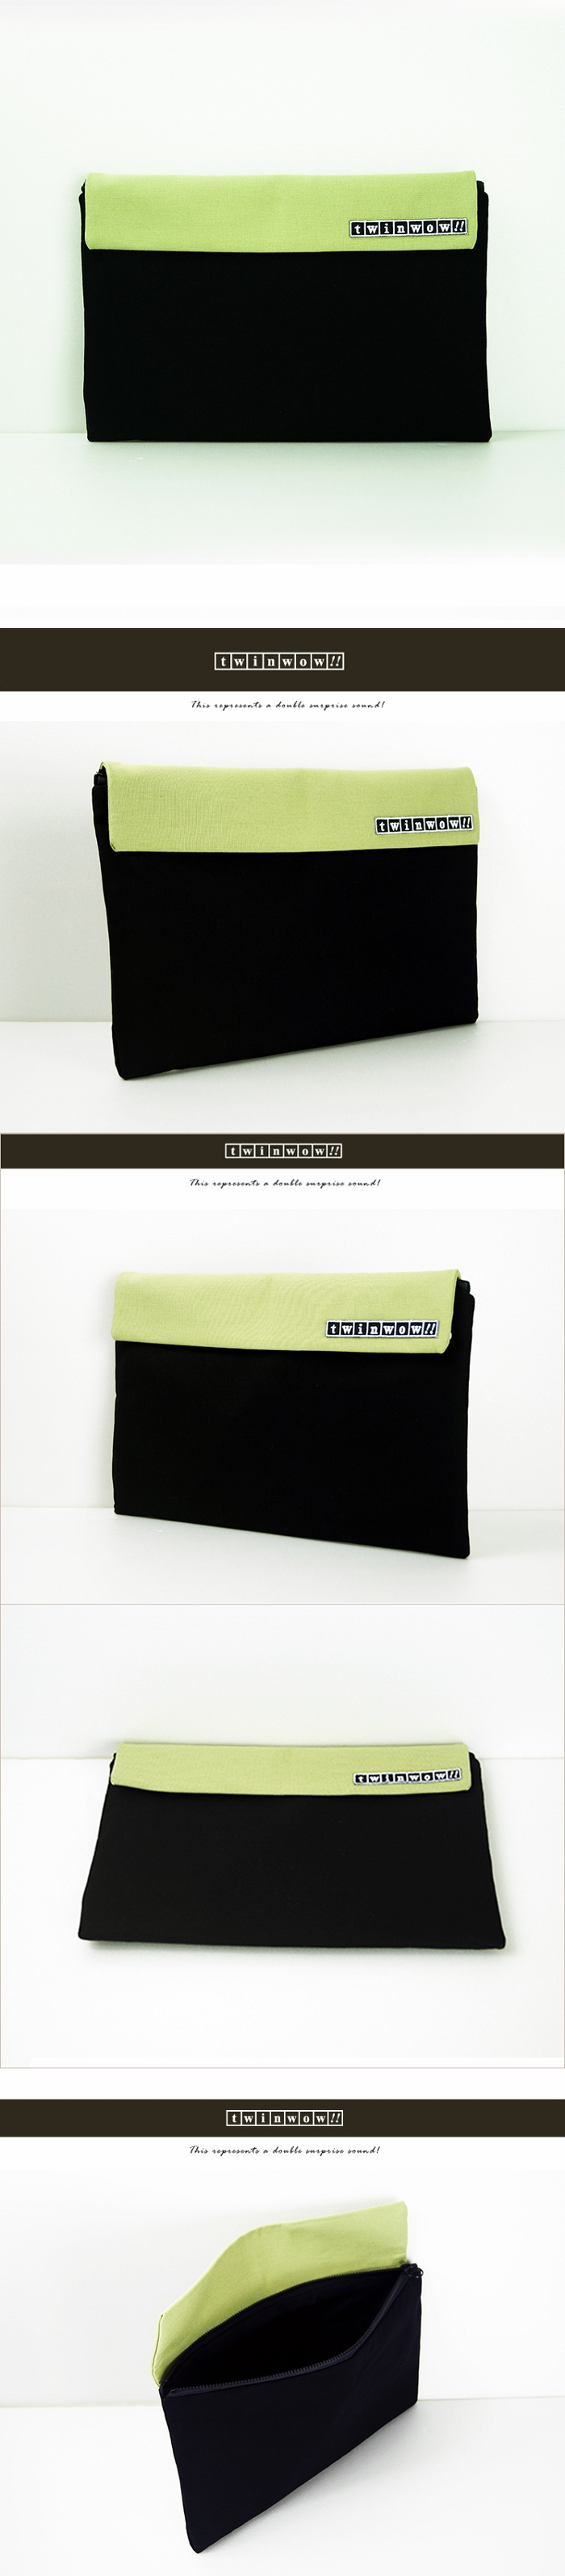 (複製)twinwow|時尚筆記 - 細緻質感平板包(時尚黑紫)